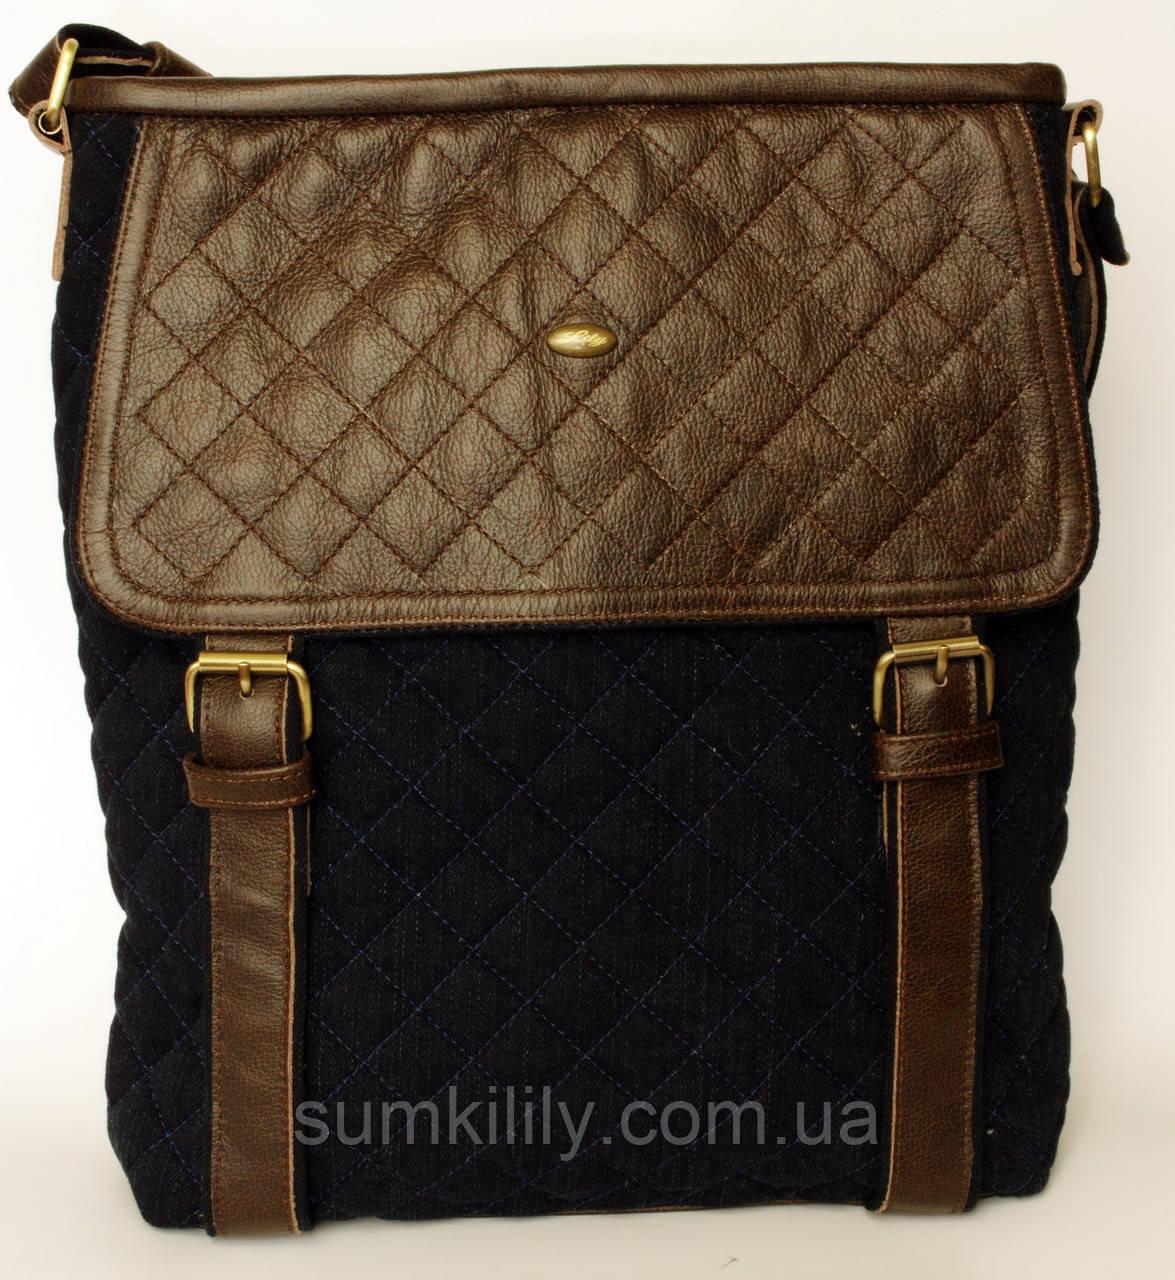 Джинсовая сумочка с темно-коричневой кожей 2